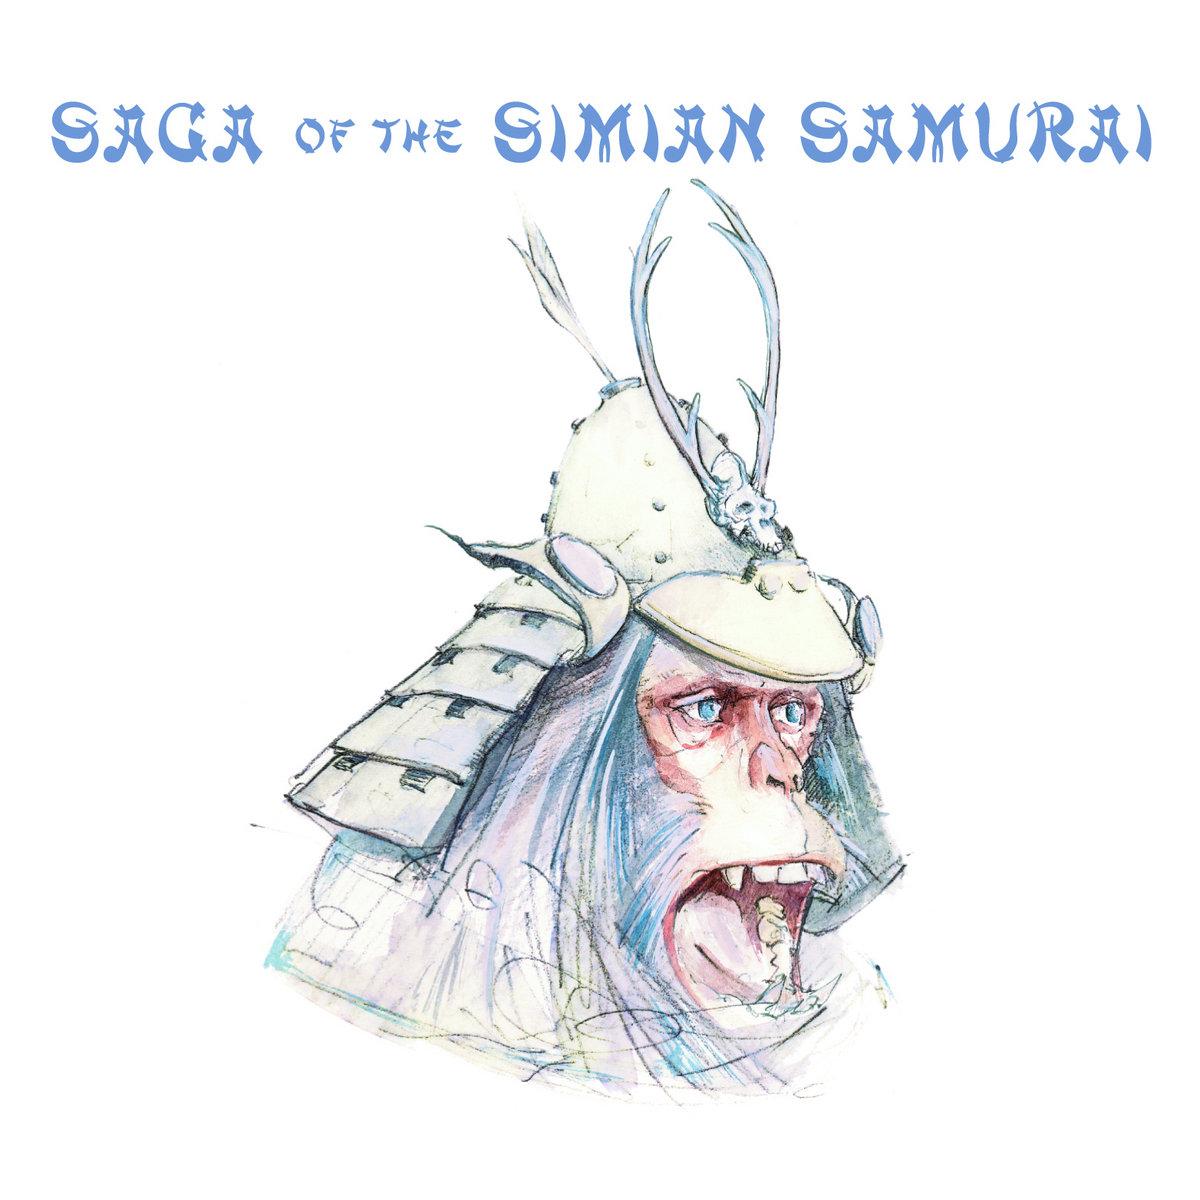 Resultado de imagen para TomC3 & Prince Po - Saga Of The SimianSamurai